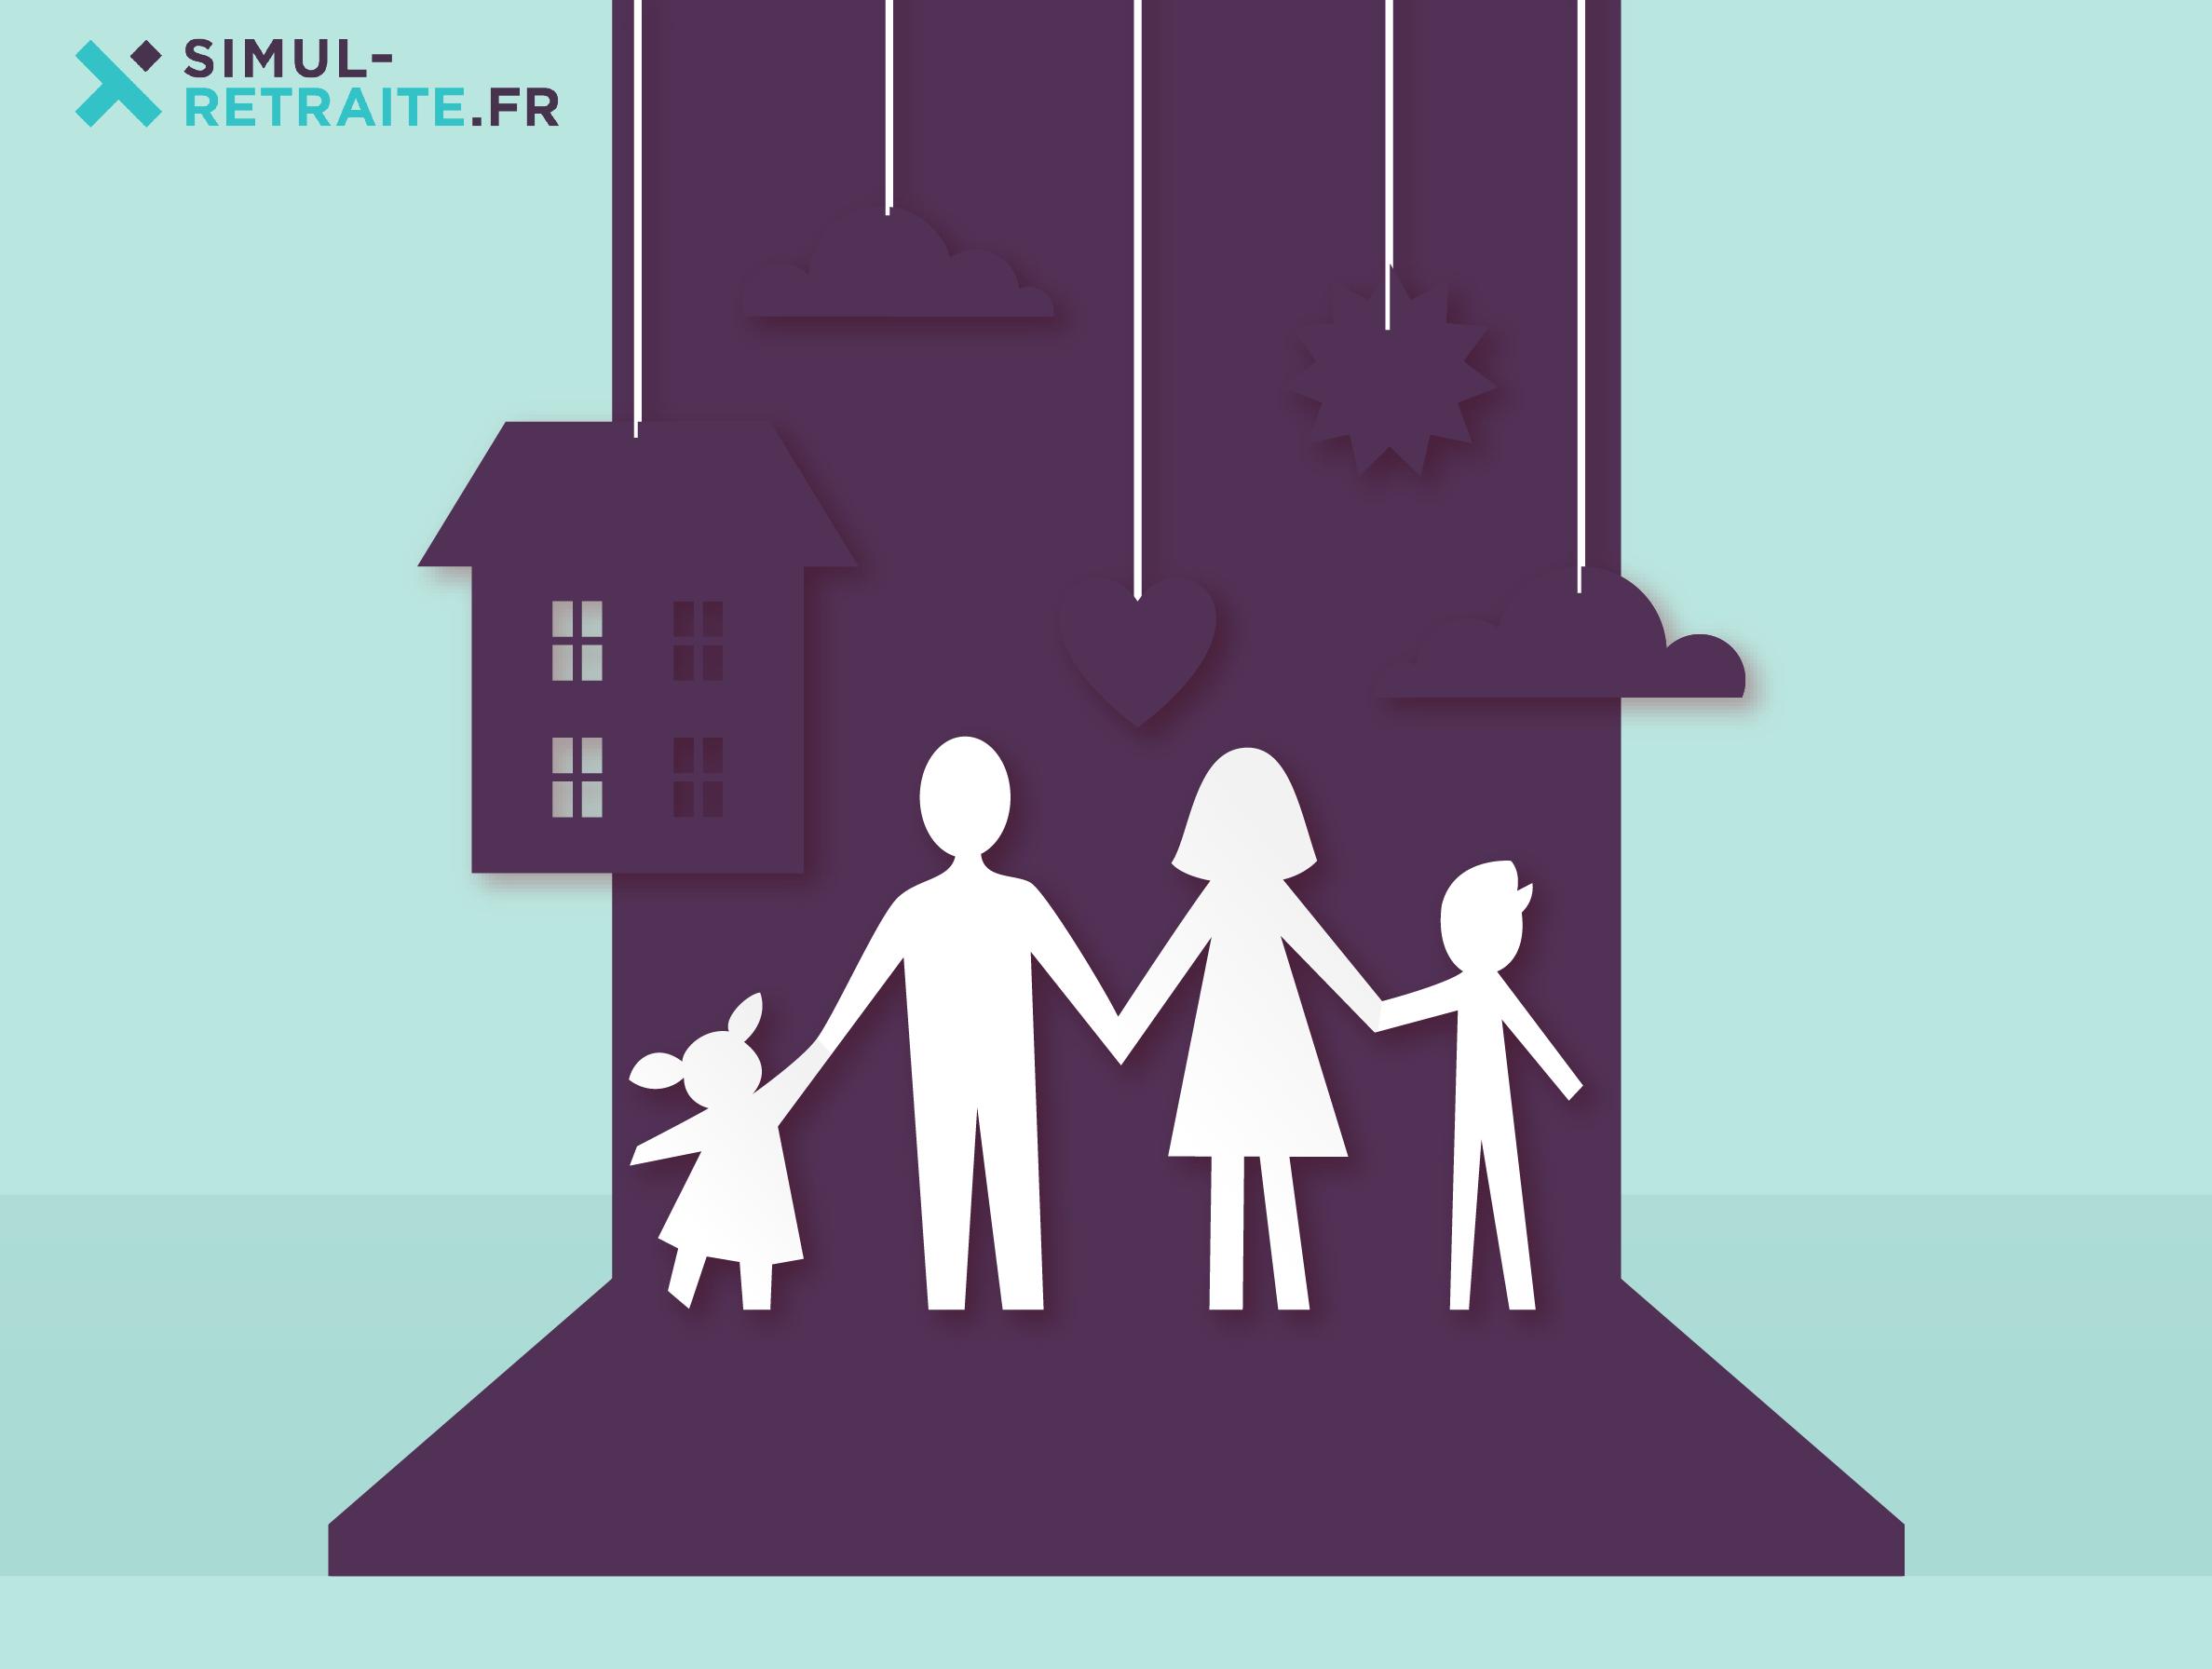 Retraite Par Points Que Vont Devenir Les Droits Familiaux